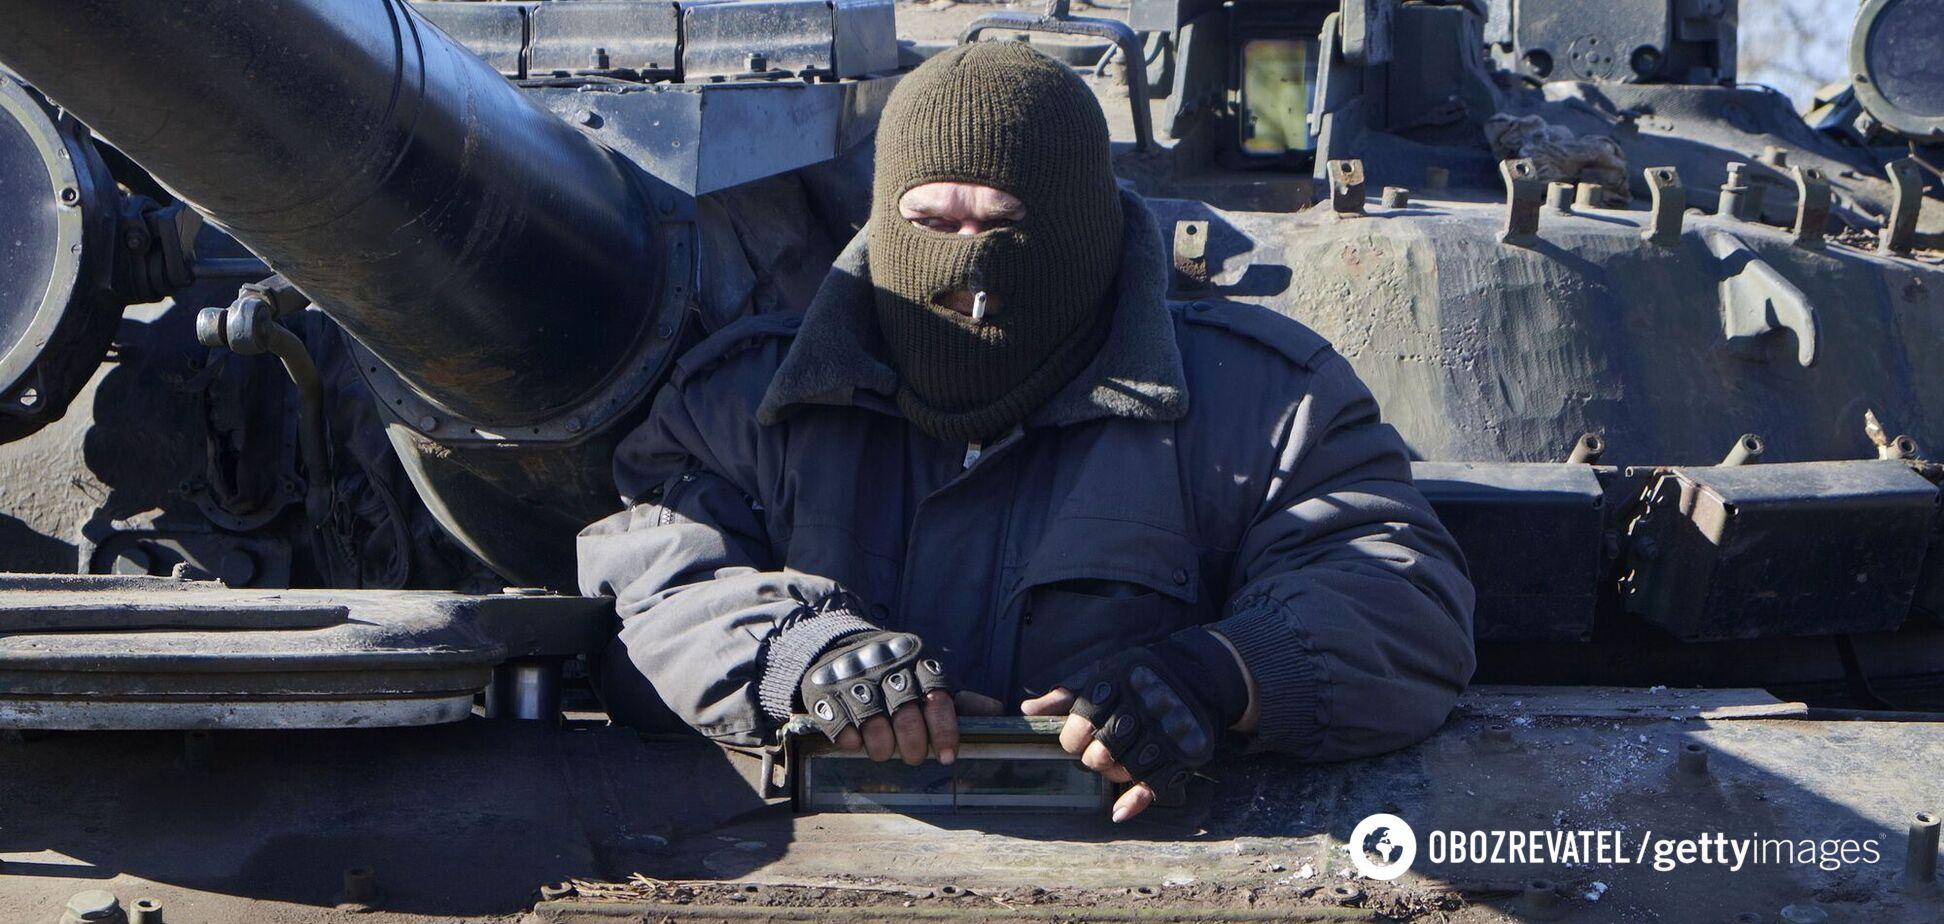 Окупанти на Трійцю обстріляли ЗСУ з мінометів і гранатометів – штаб ООС